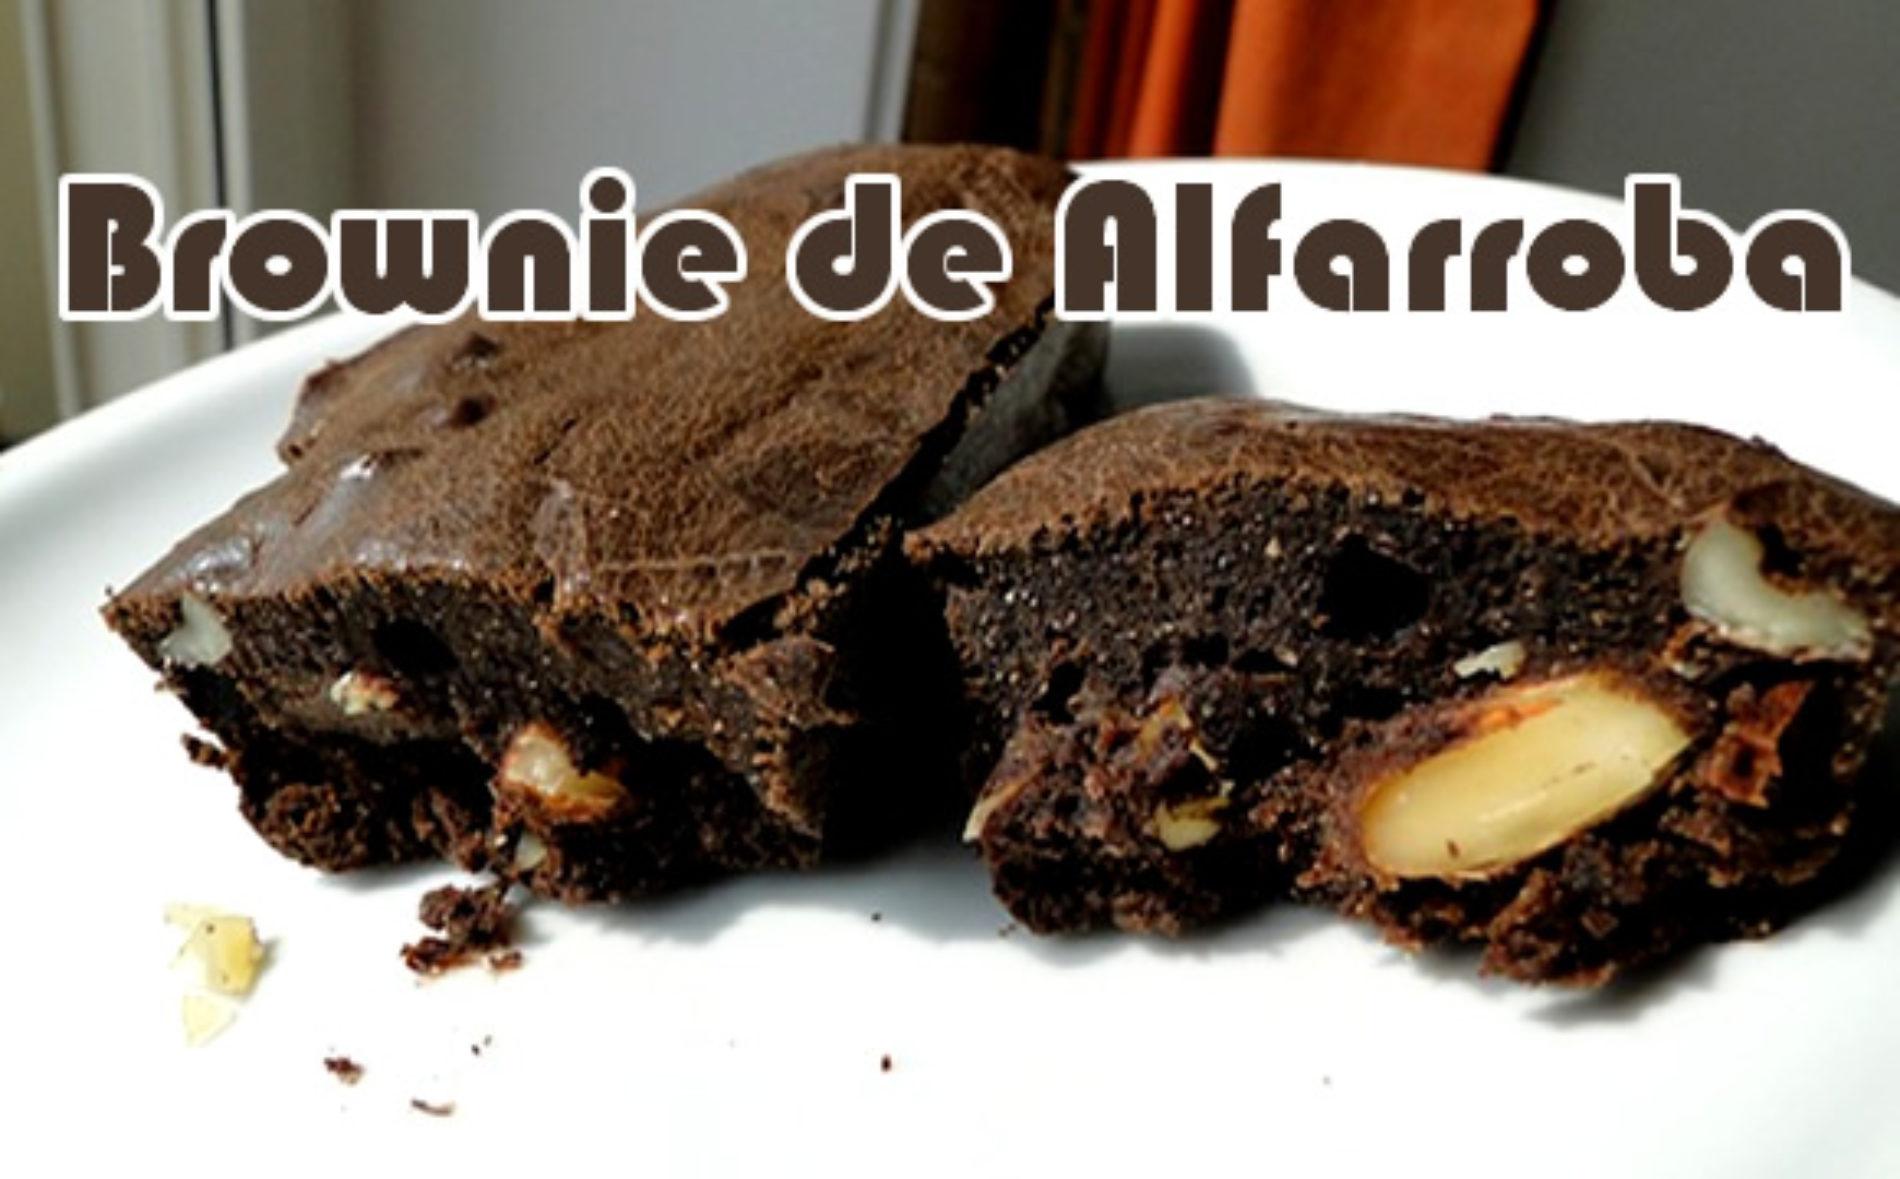 Brownie de alfarroba com amêndoas rico em energia